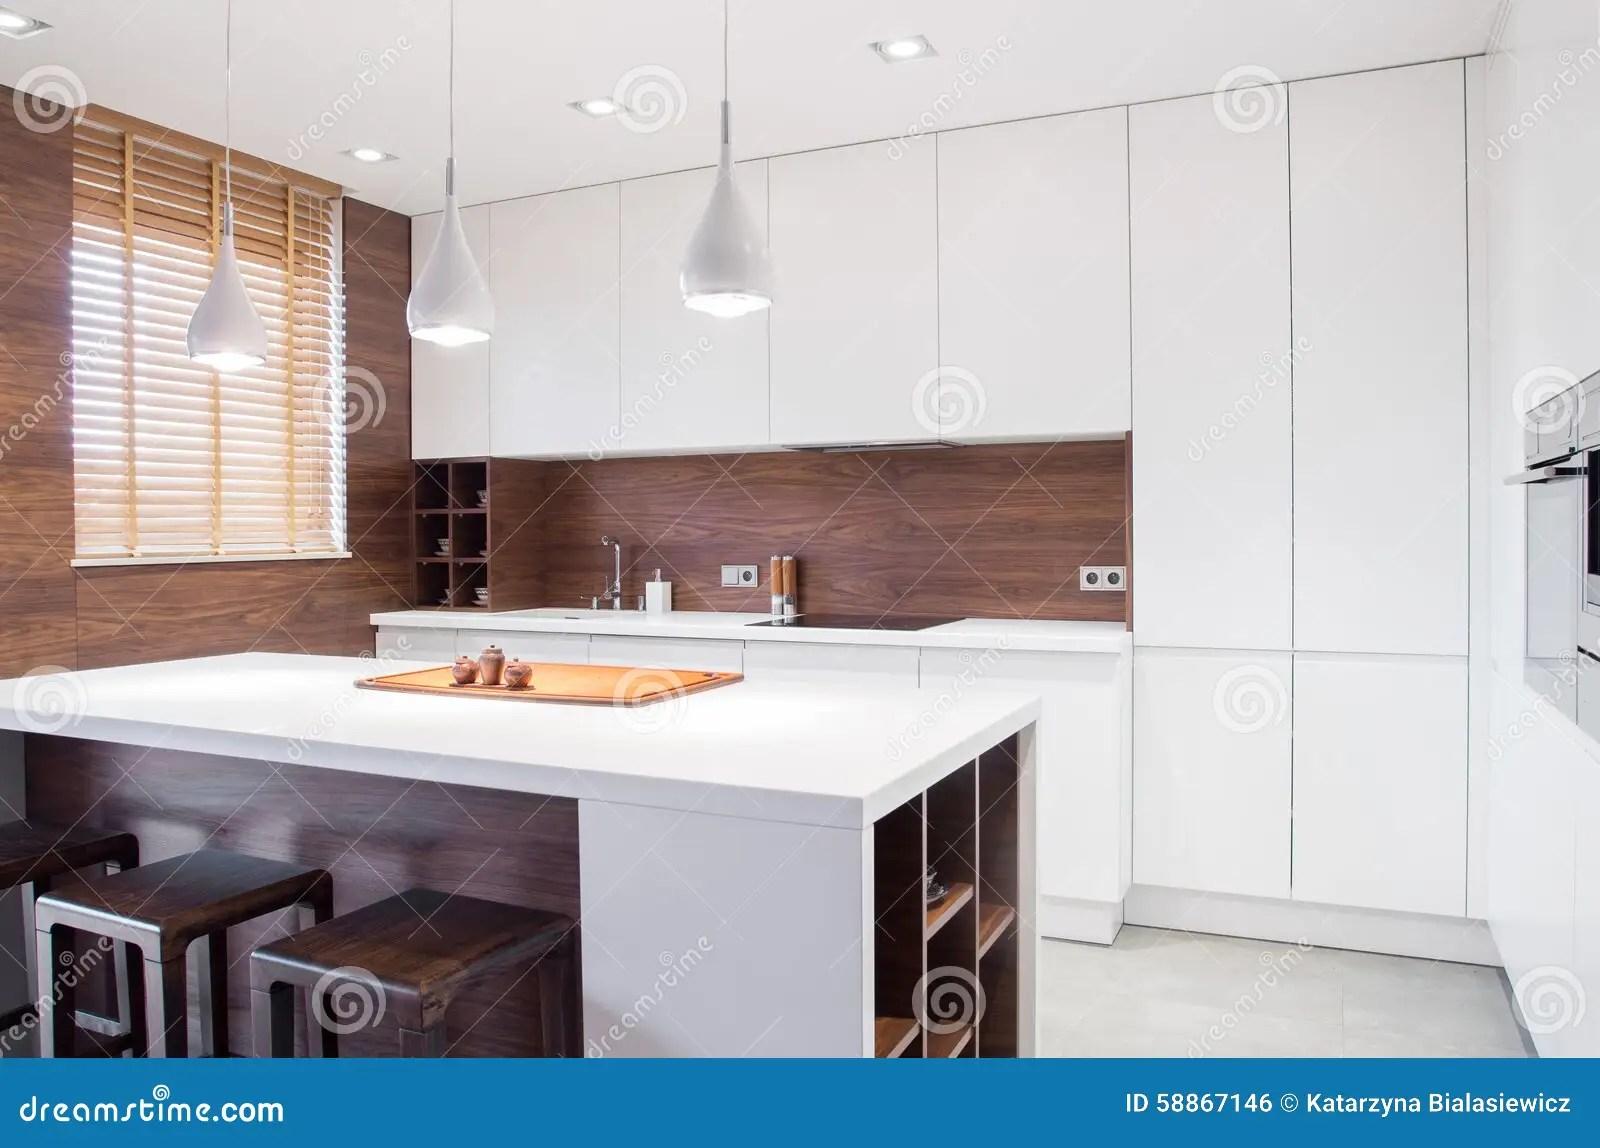 kitchen swags drawer inserts 现代设计厨房内部库存照片 图片包括有赃物 室内 质量 功能 固定 现代设计厨房内部